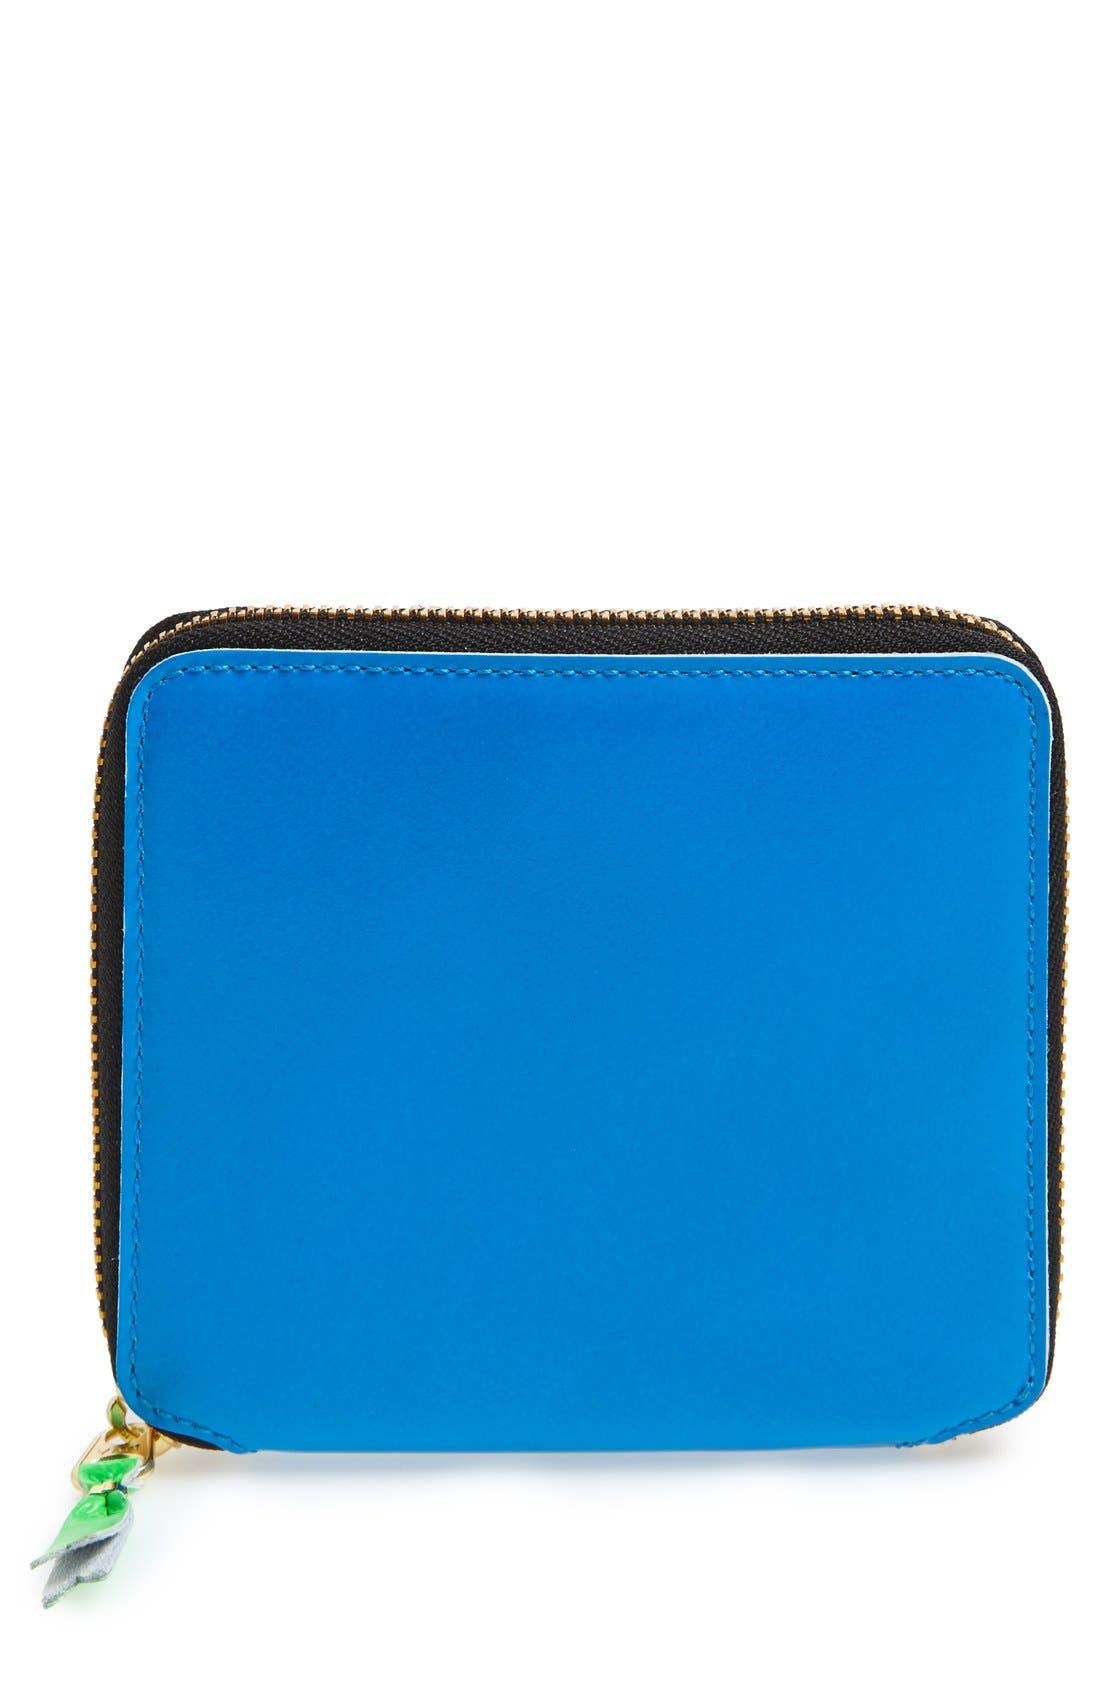 Alternate Image 1 Selected - Comme des Garçons 'Super Fluo' French Wallet